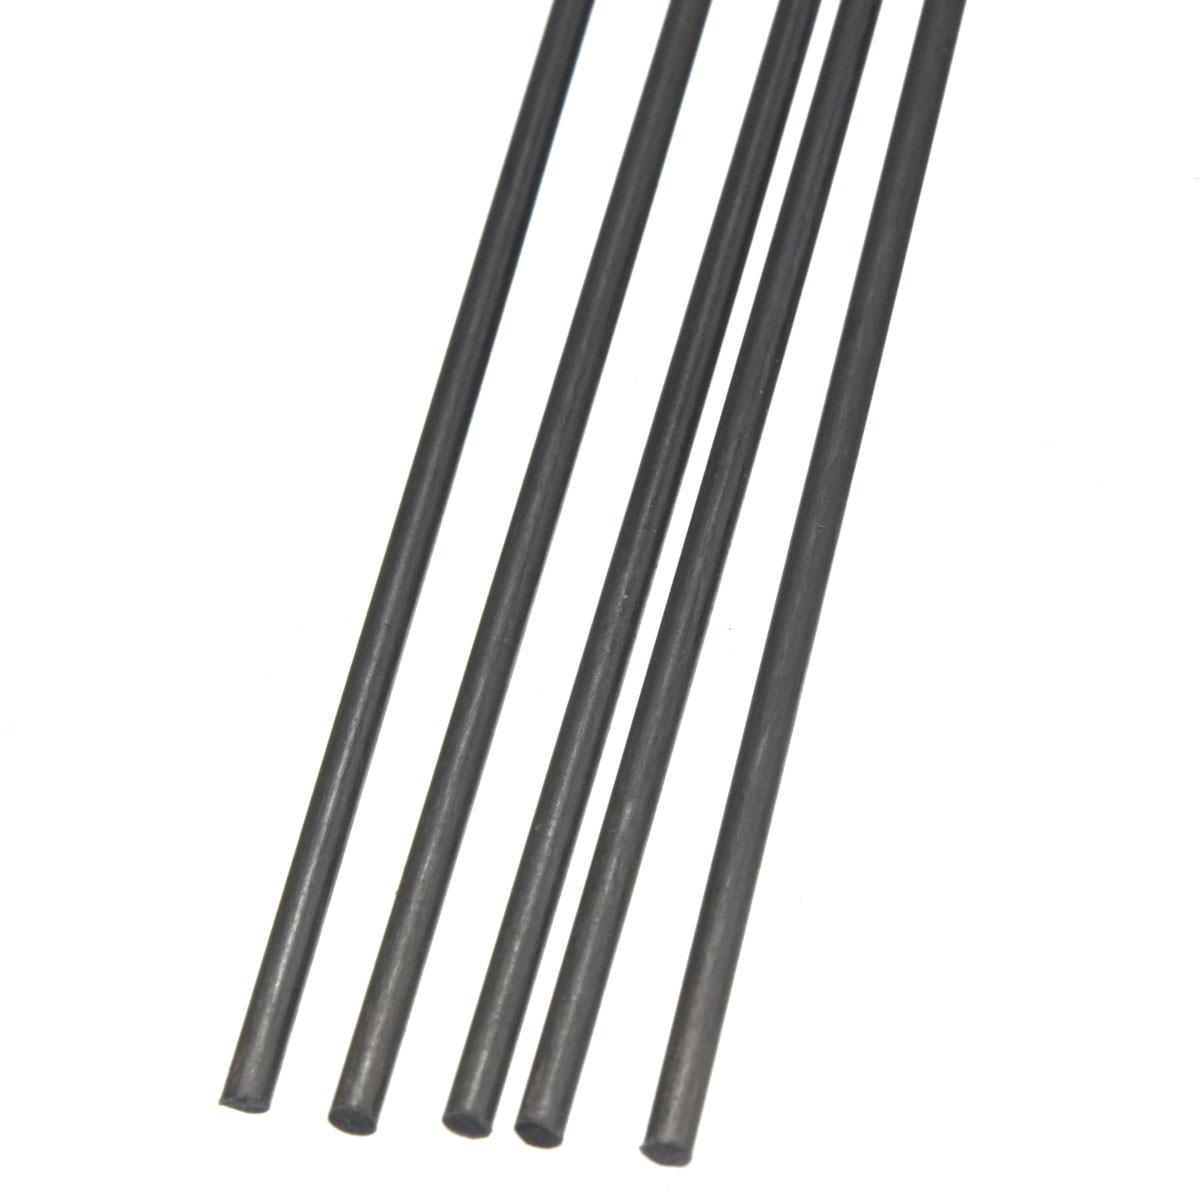 5Pcs Carbon Fiber Rods For RC Airplane Matte Pole 2mm Diameter x 500mm5Pcs Carbon Fiber Rods For RC Airplane Matte Pole 2mm Diameter x 500mm